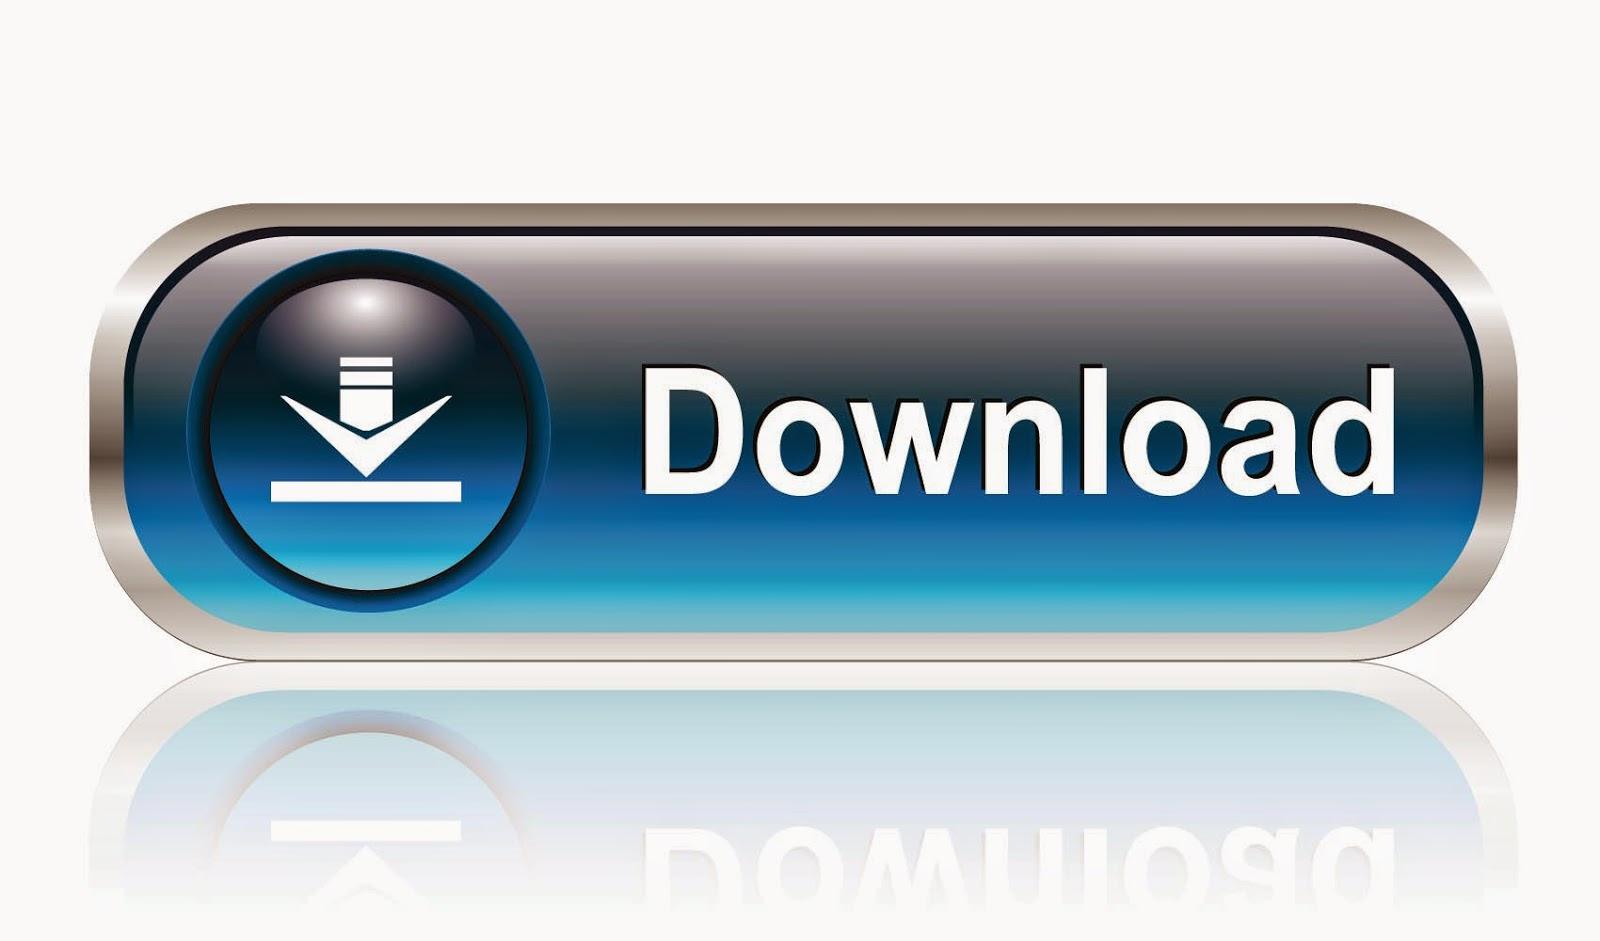 """<img src=""""http://4.bp.blogspot.com/-TmuMO6Sm_rM/U2UVyFtA2oI/AAAAAAAACeM/A8QEEN56nMA/s1600/kastor-all-video-downloader-free-download.png"""" alt=""""Kastor All Video Downloader 4.97.0 Free Download"""" />"""